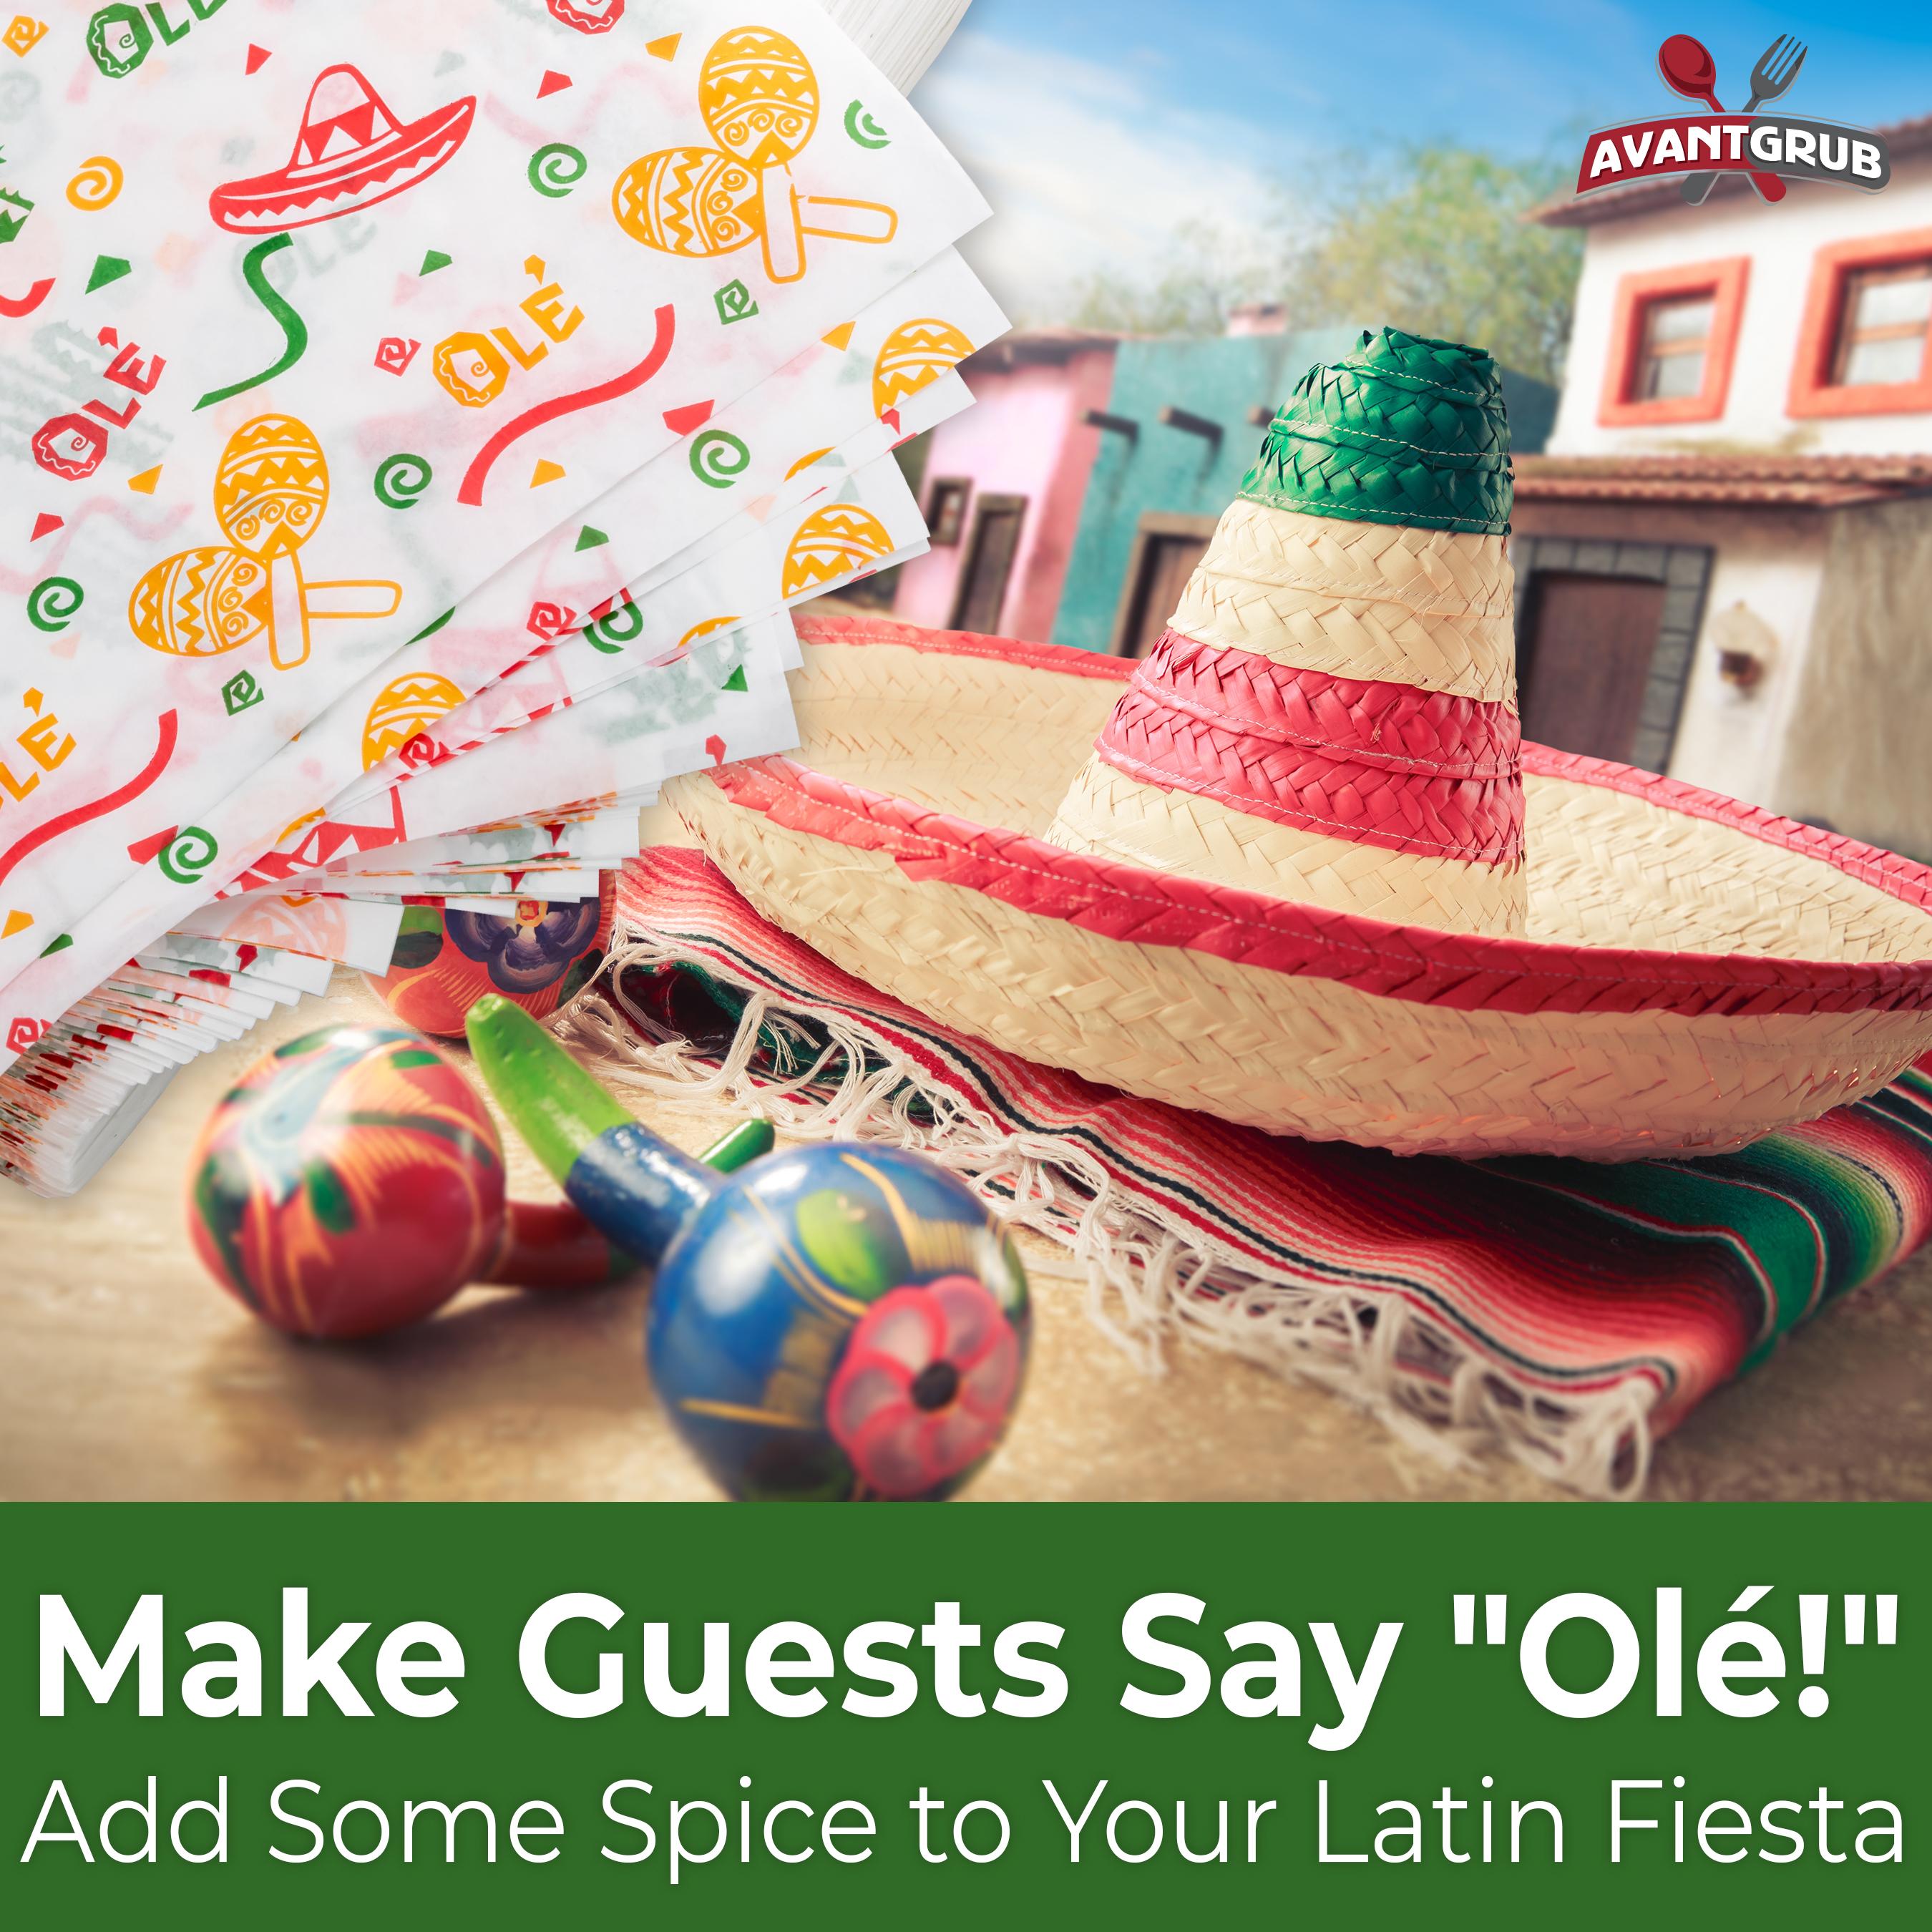 miniature 21 - Fiesta Style Mexican Deli Paper Liner 12x12 Burrito & Taco Wrapper by Avant Grub